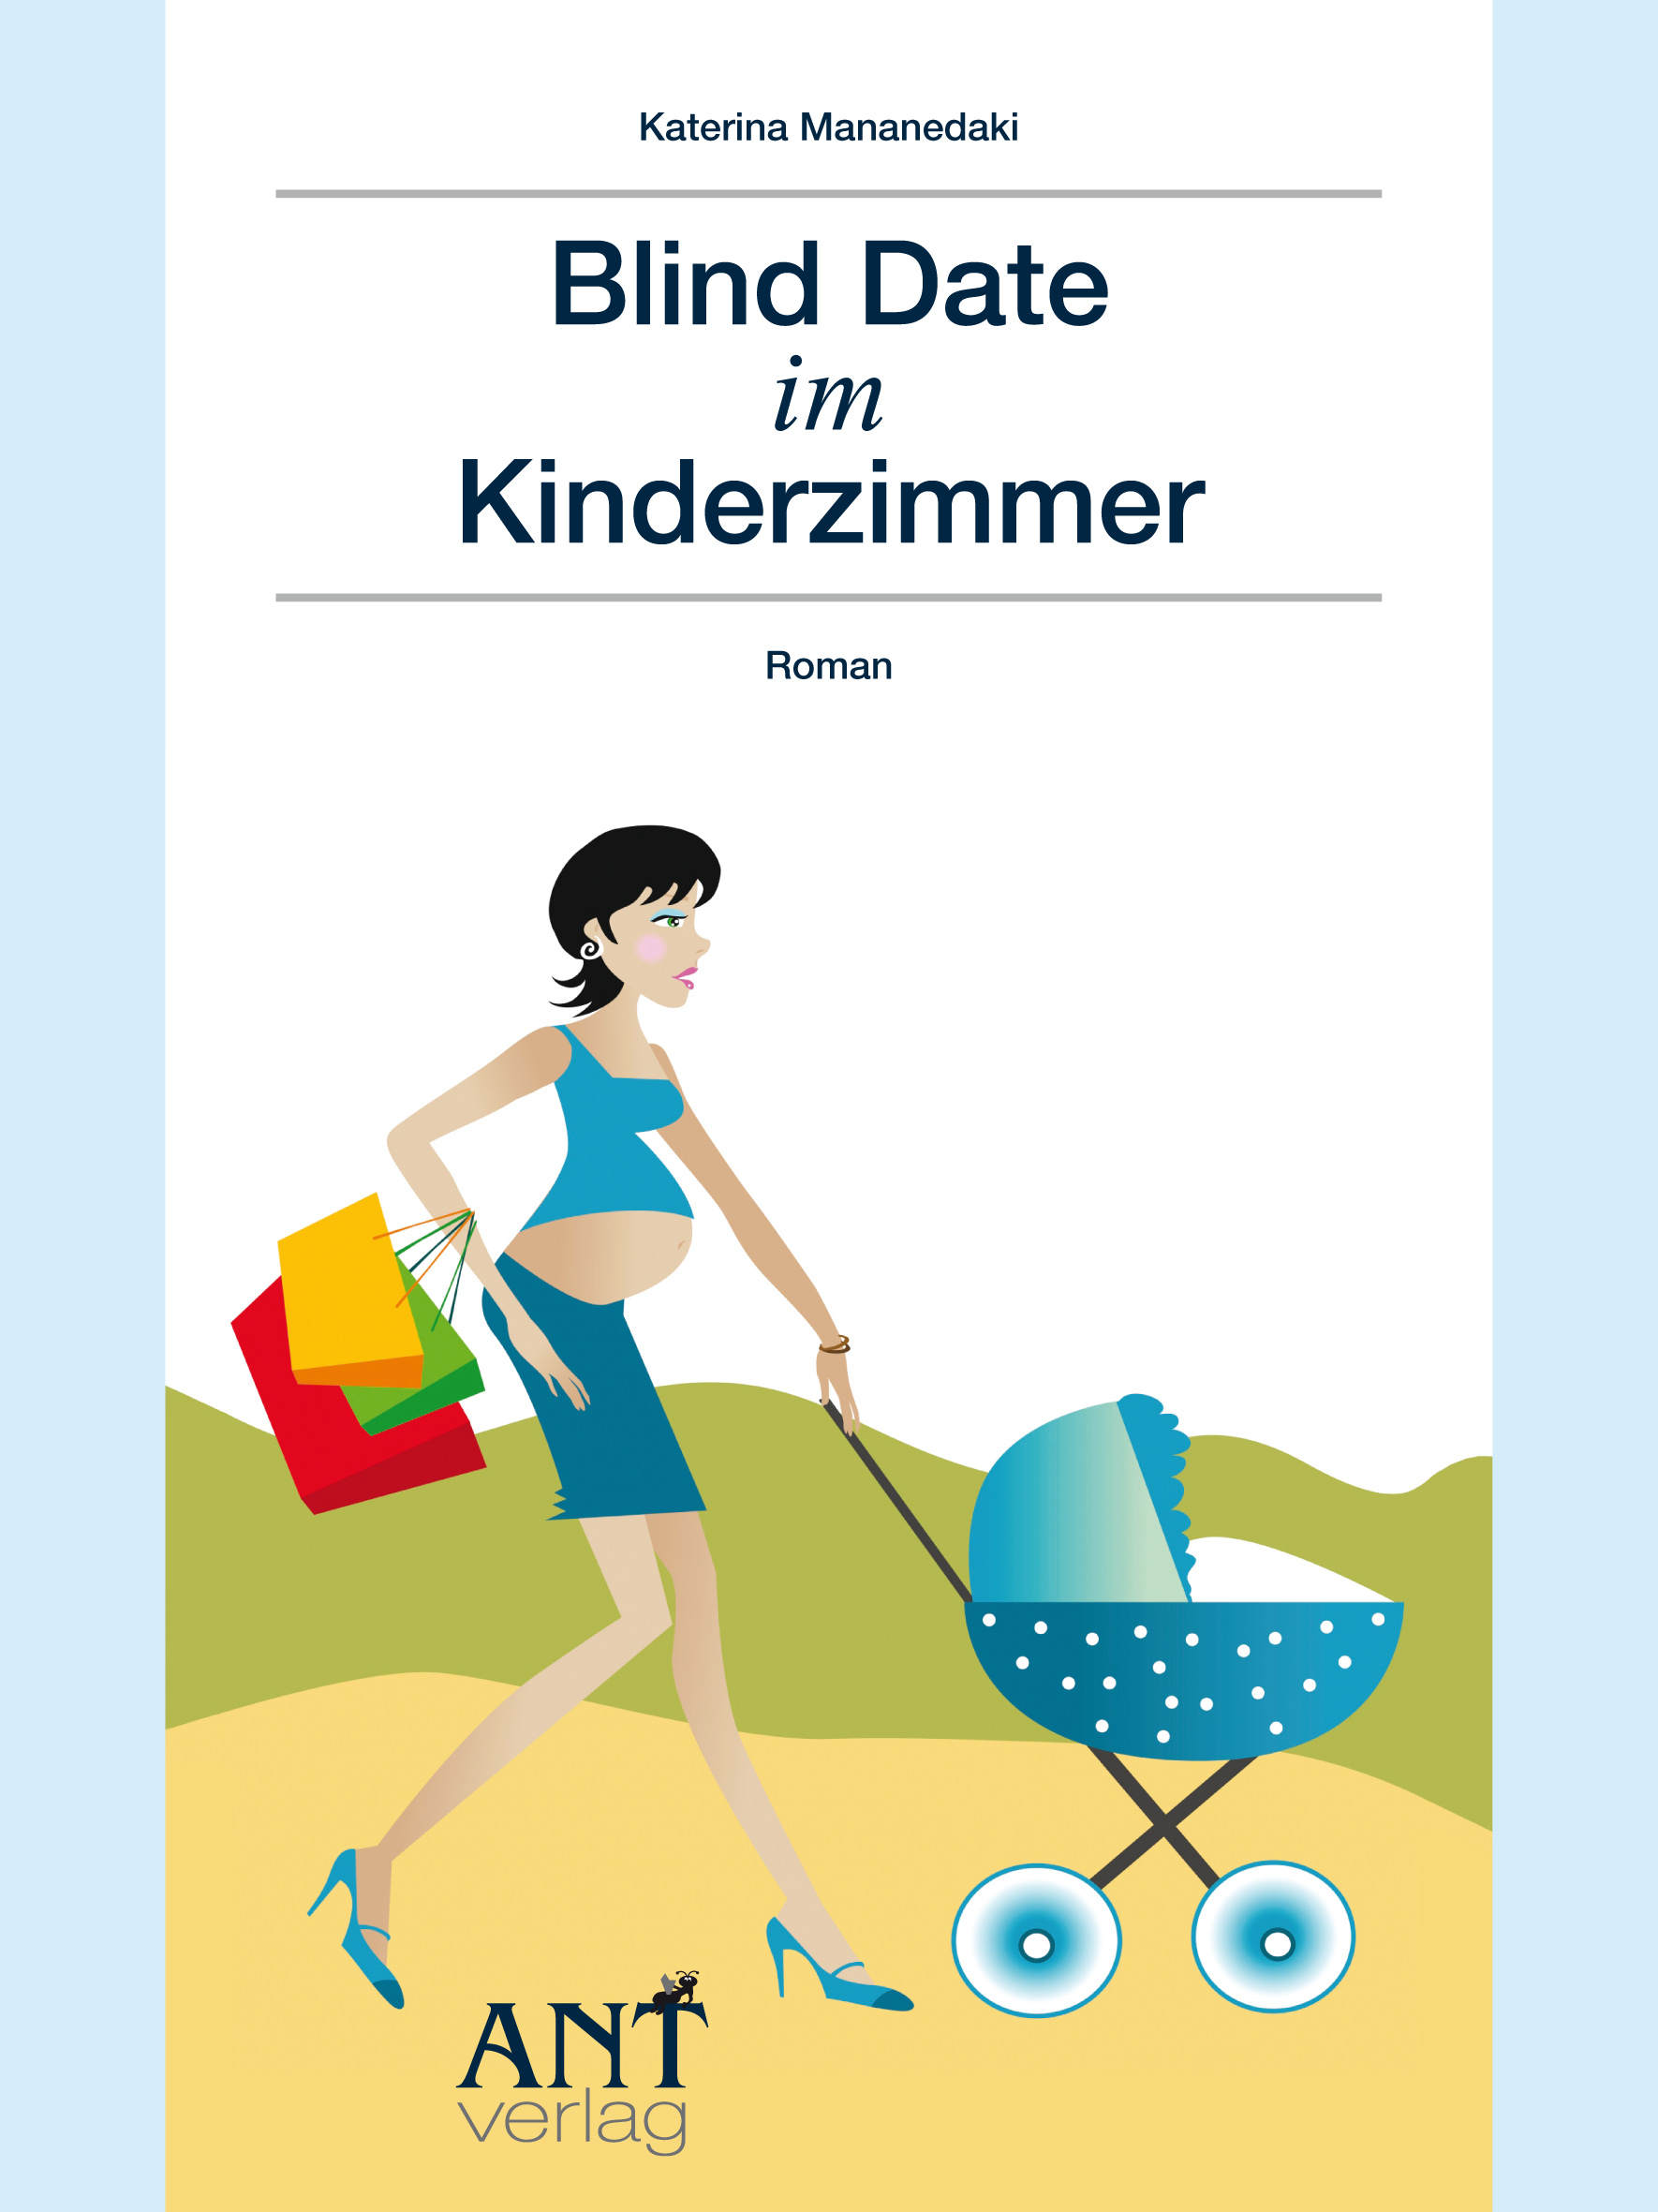 BLIND DATE IM KINDERZIMMER